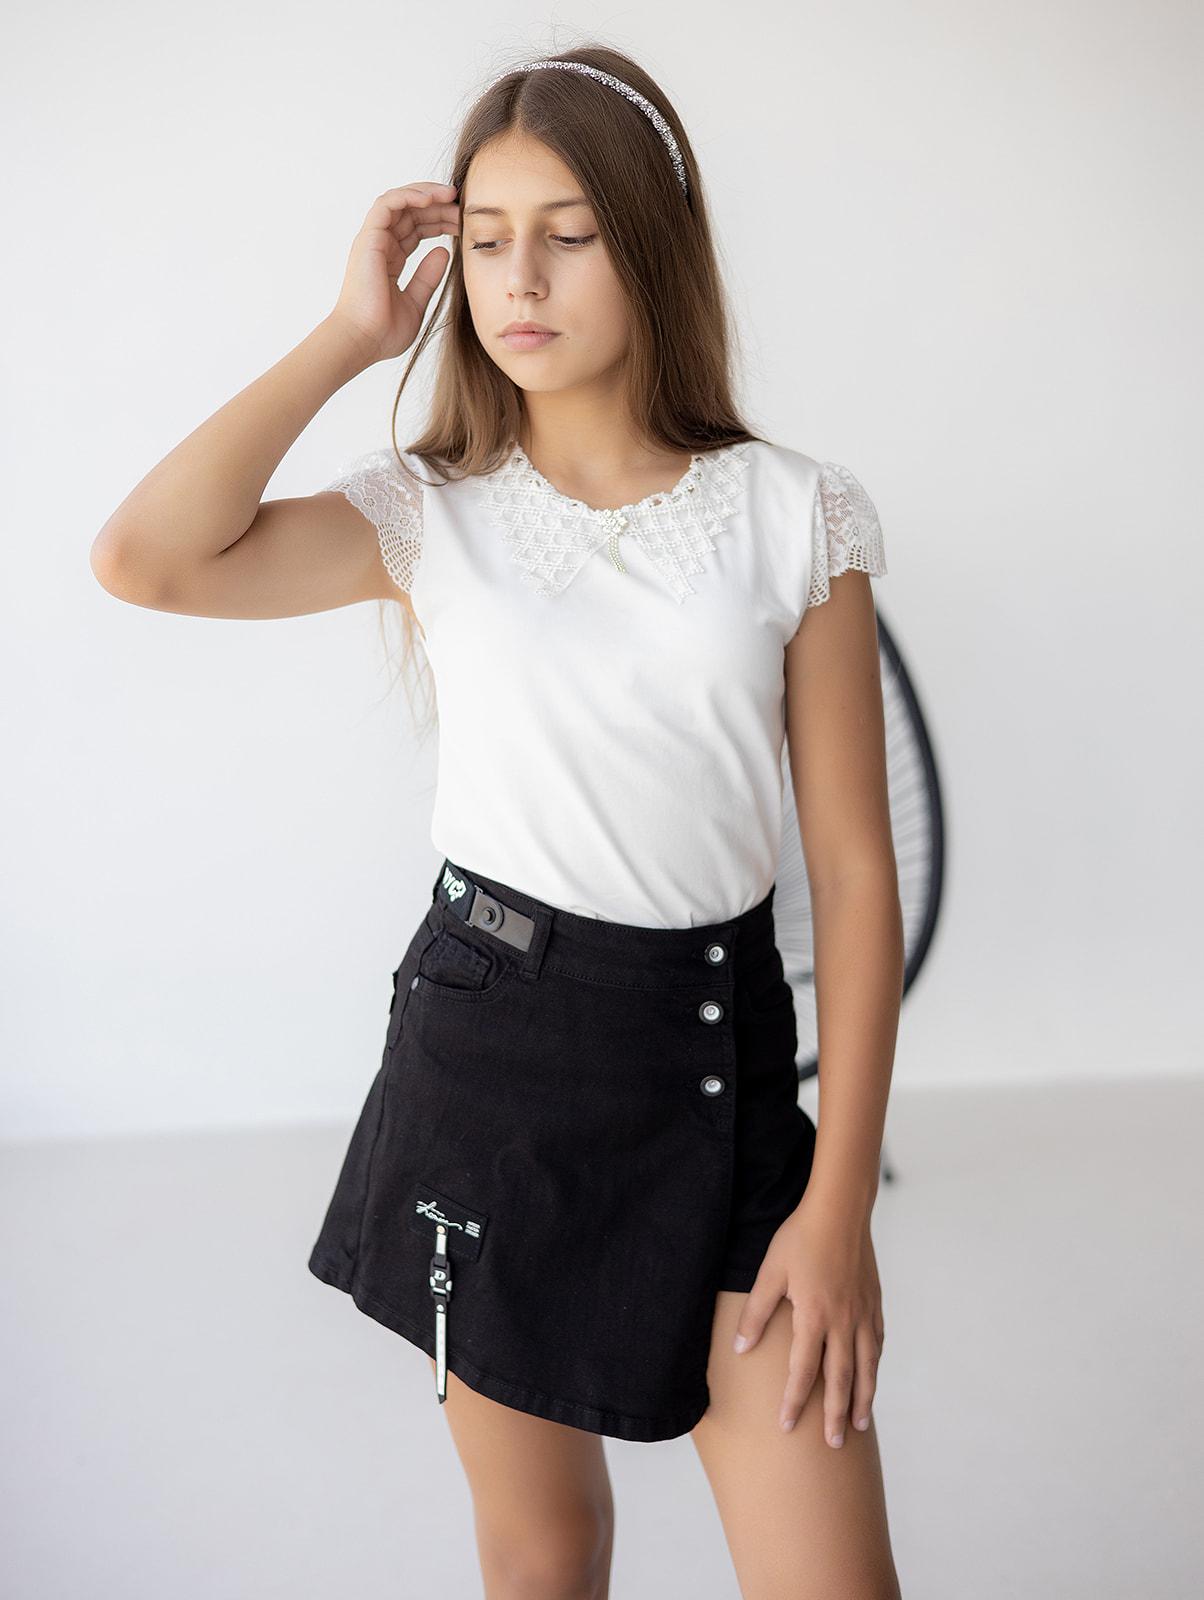 Шорты - юбка для девочки